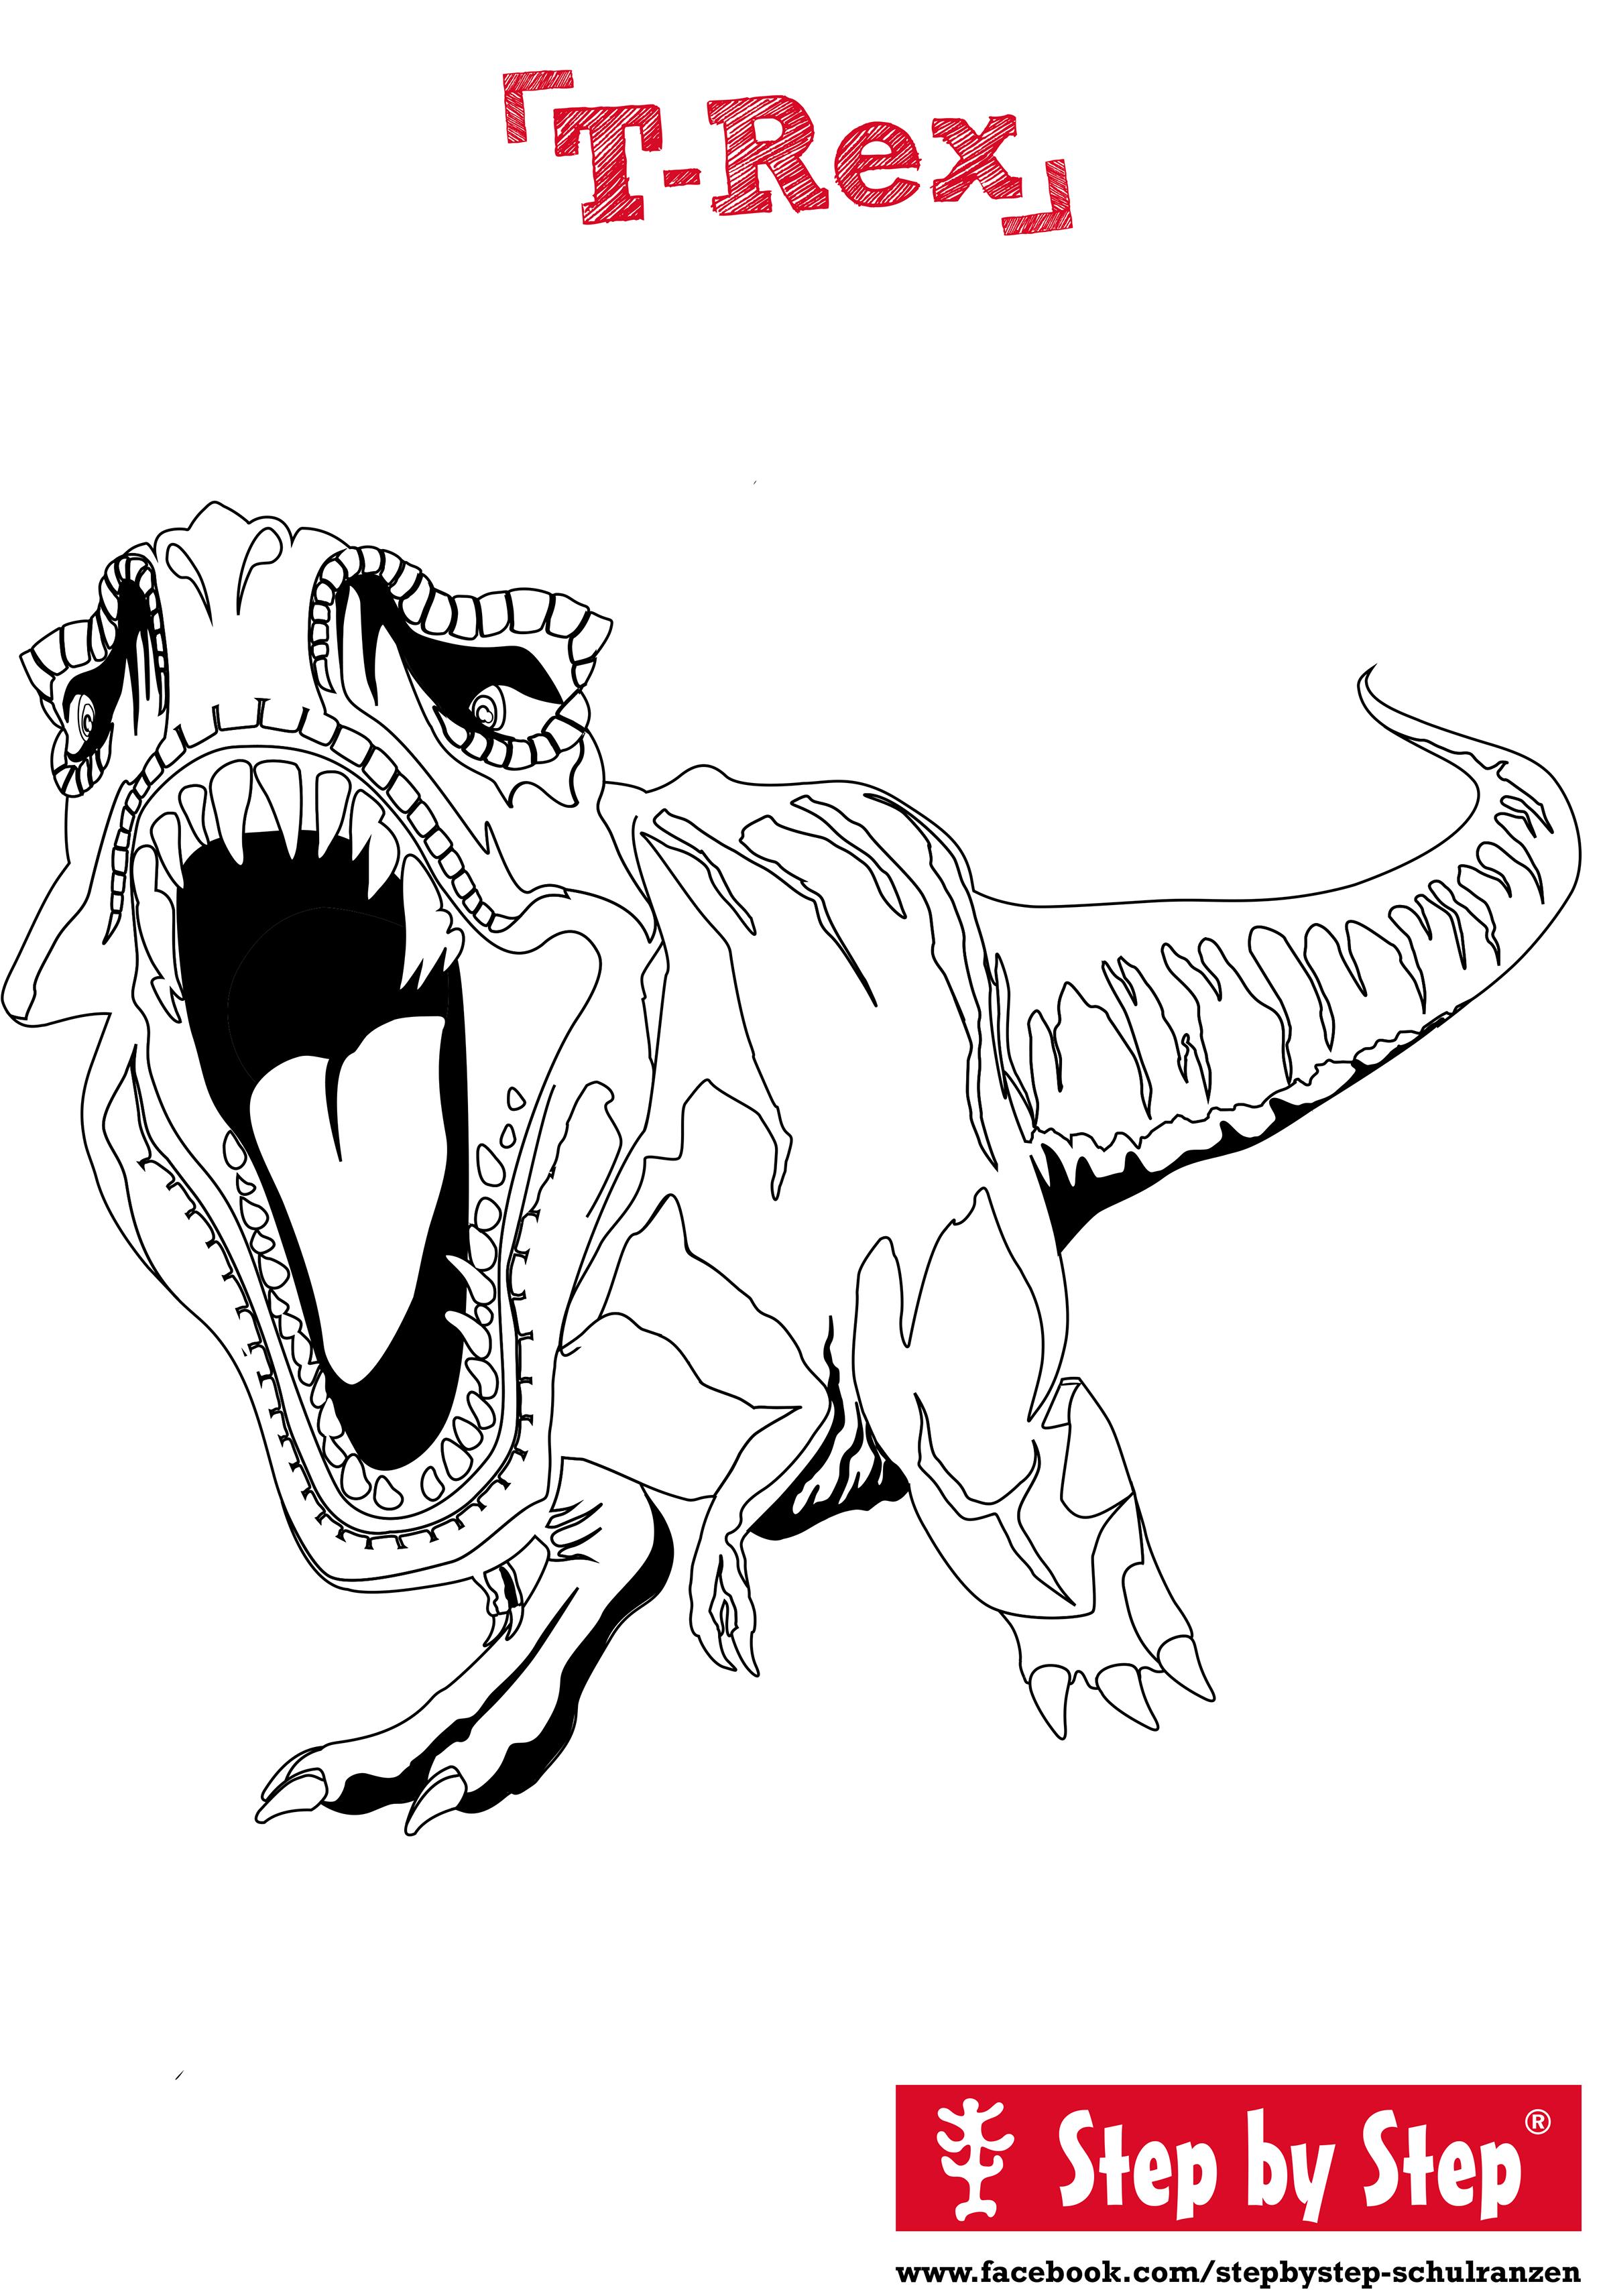 Malvorlage T-Rex Malvorlagen Zeichnen Zeichentechniken